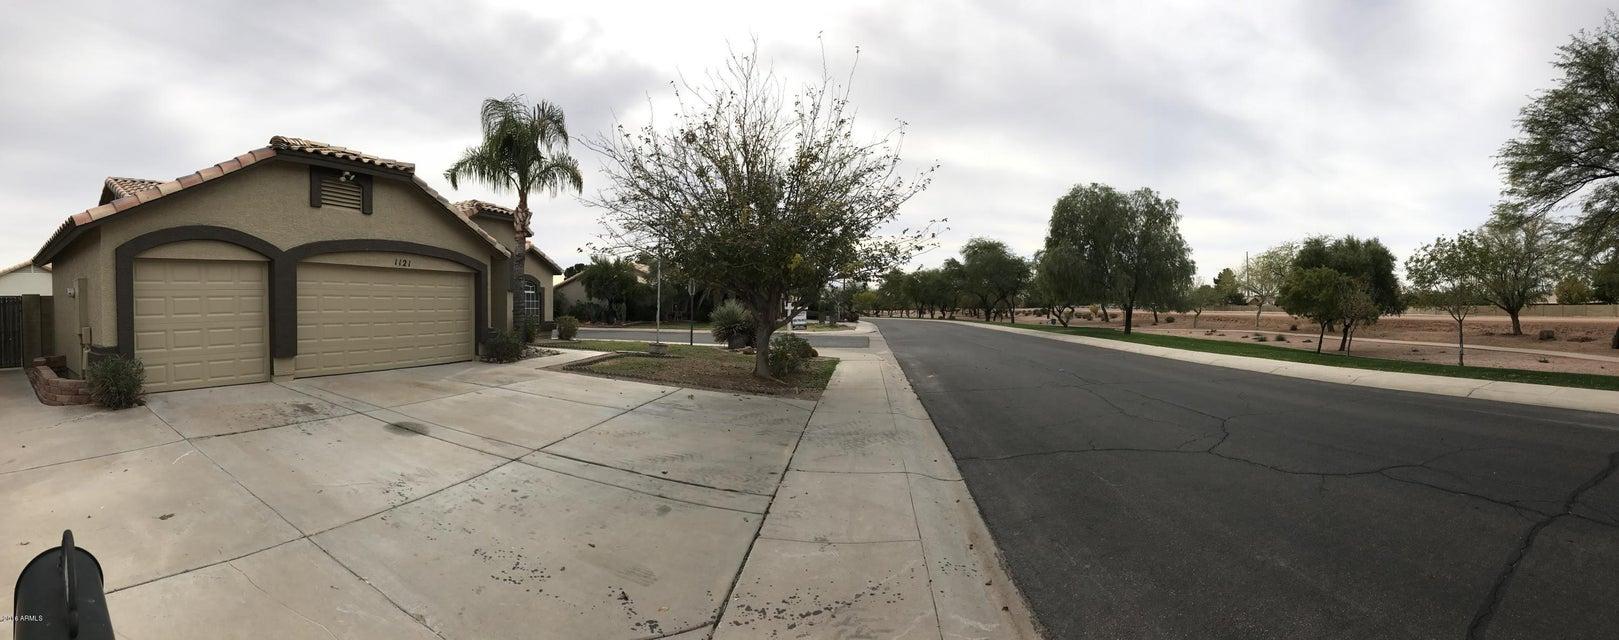 1121 S crossroads Drive, Gilbert, AZ 85296